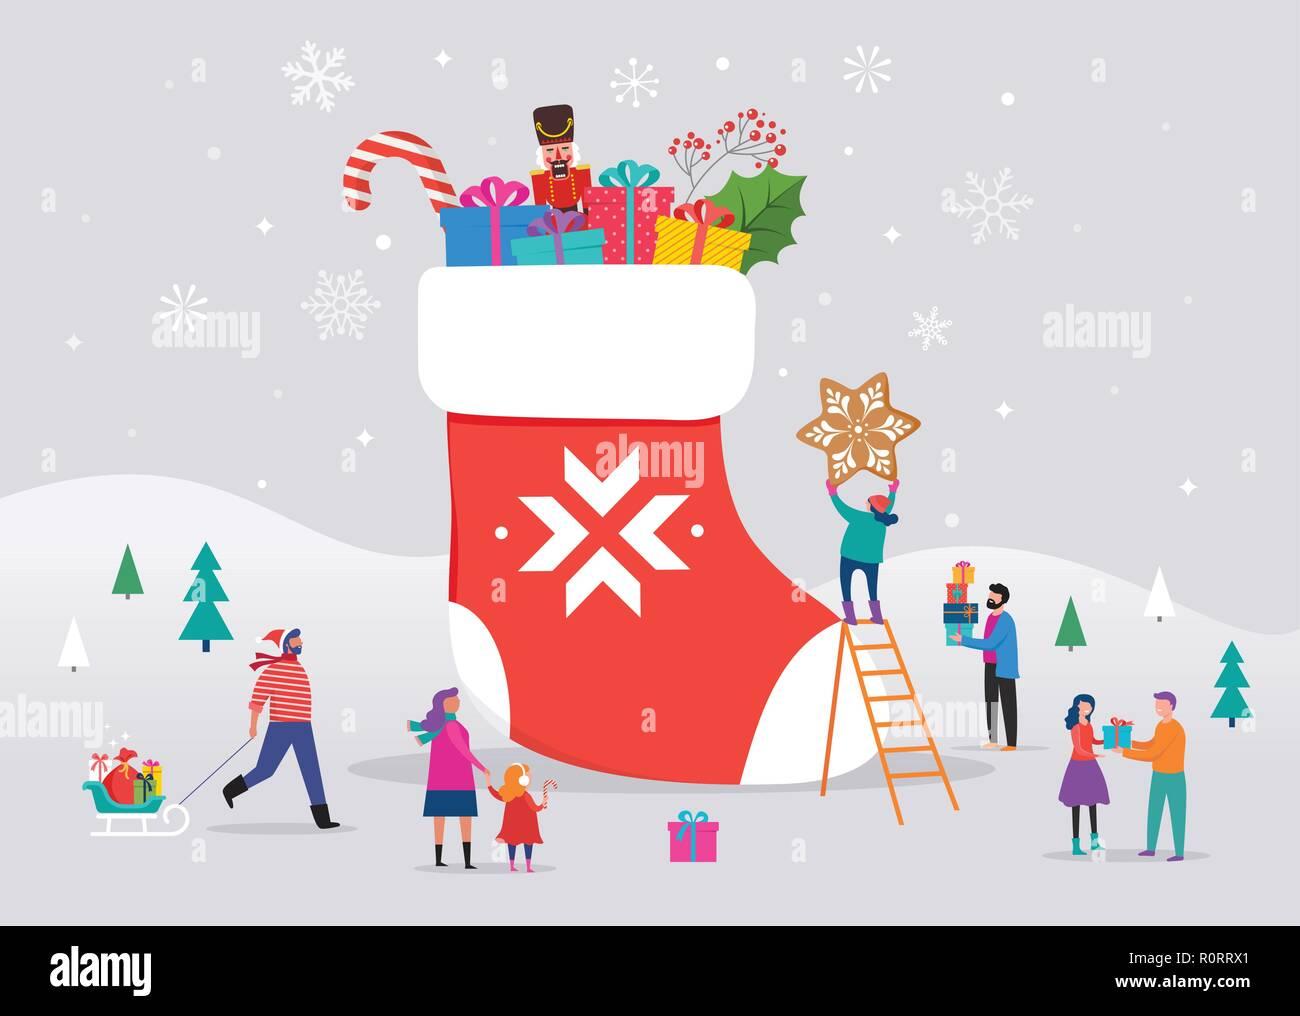 Frohe Weihnachten Männer Bilder.Frohe Weihnachten Winter Szene Mit Einem Großen Roten Socke Mit